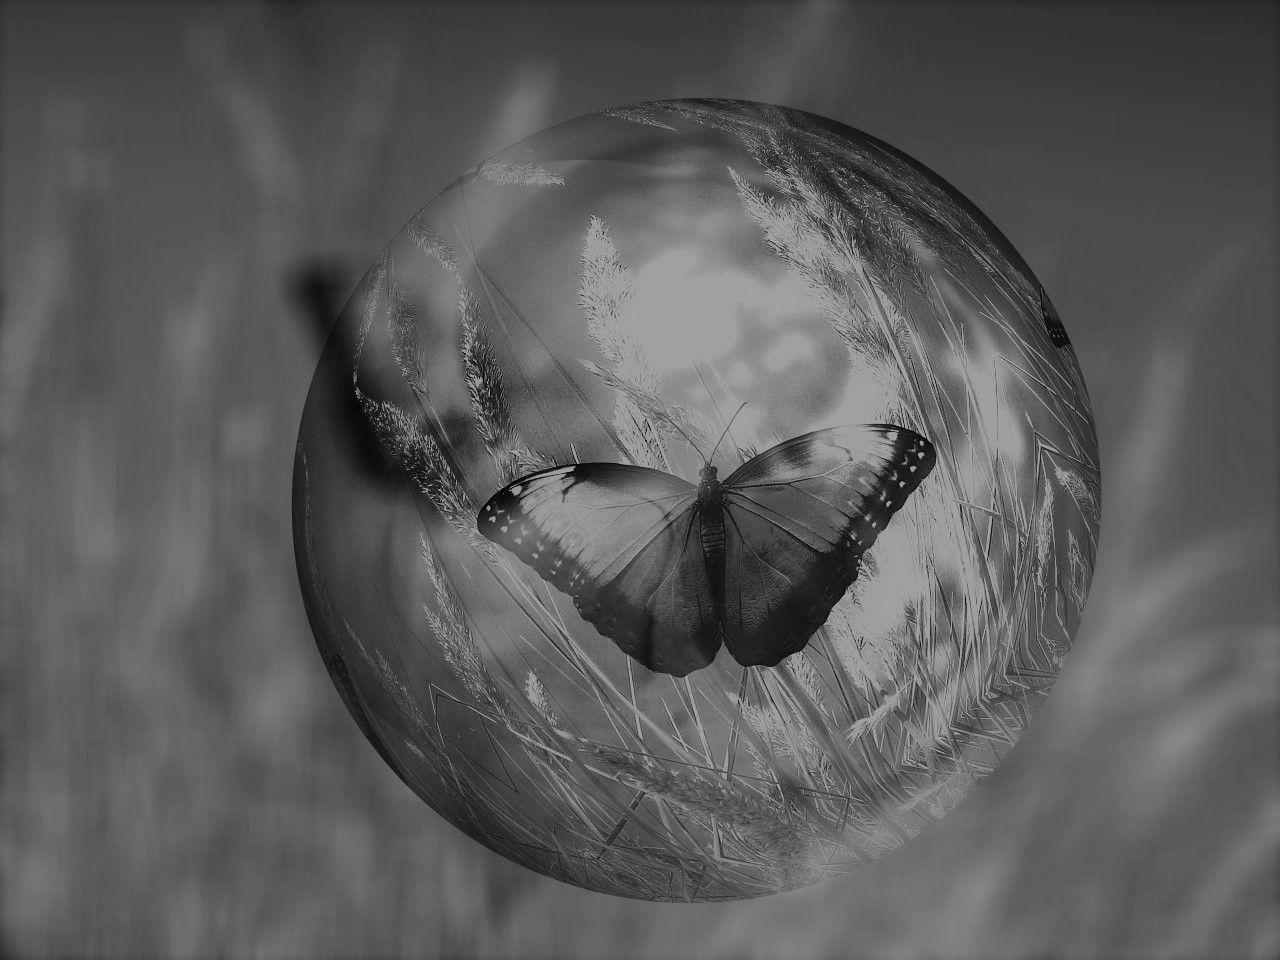 Ein Schmetterling auf der Wiese in schwarz-weiß.